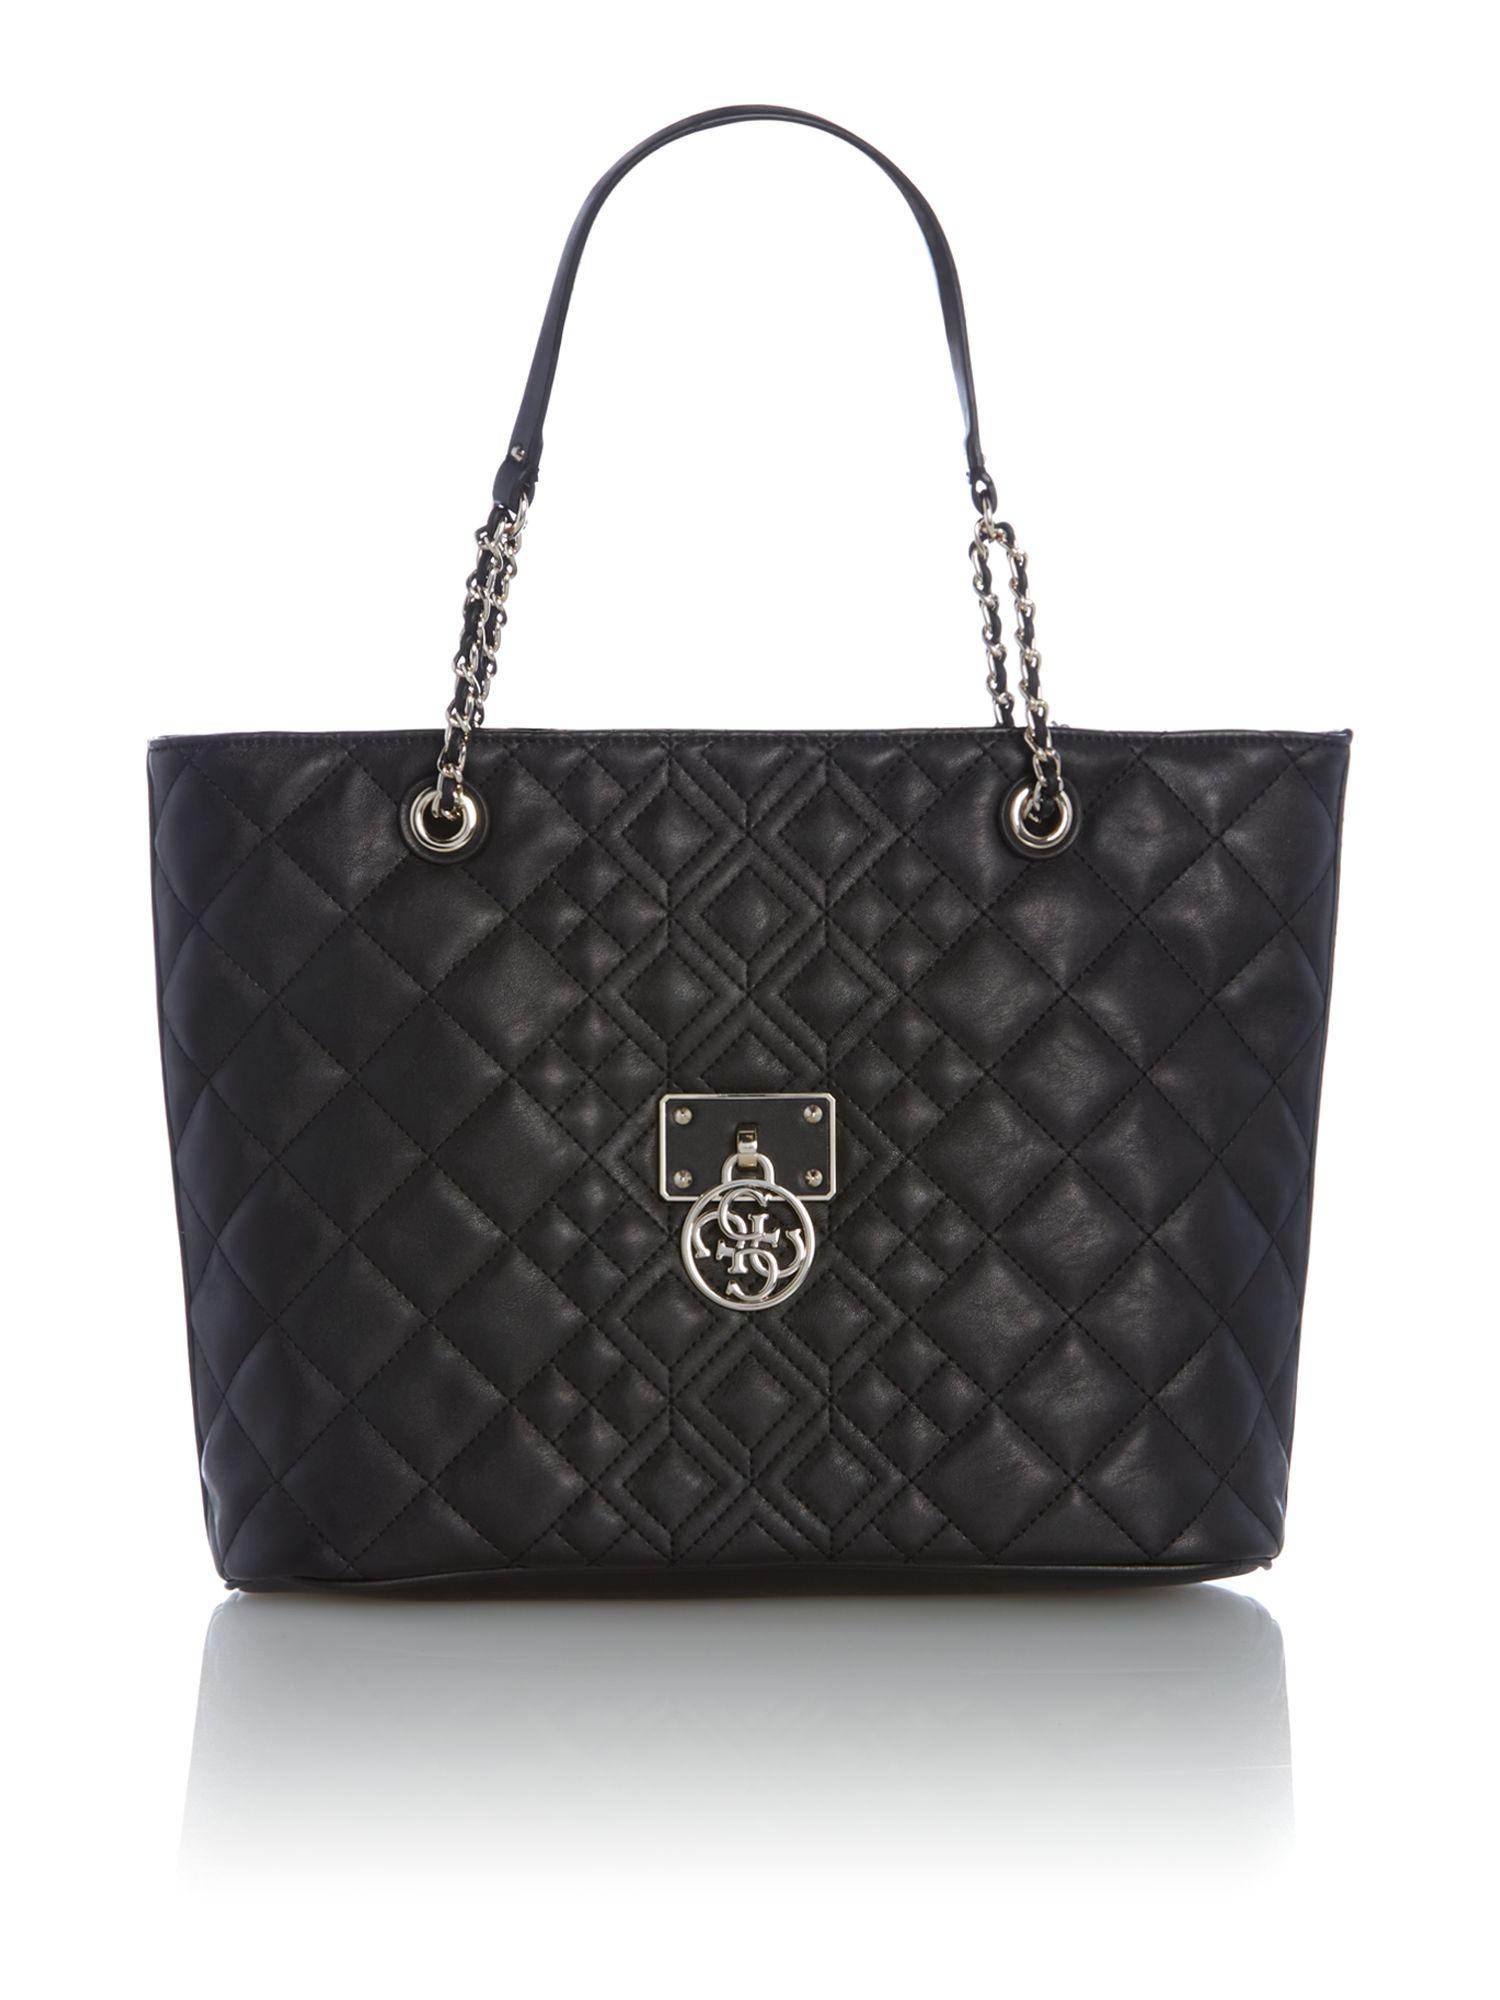 Kate Spade Patent Leather Shoulder Bag